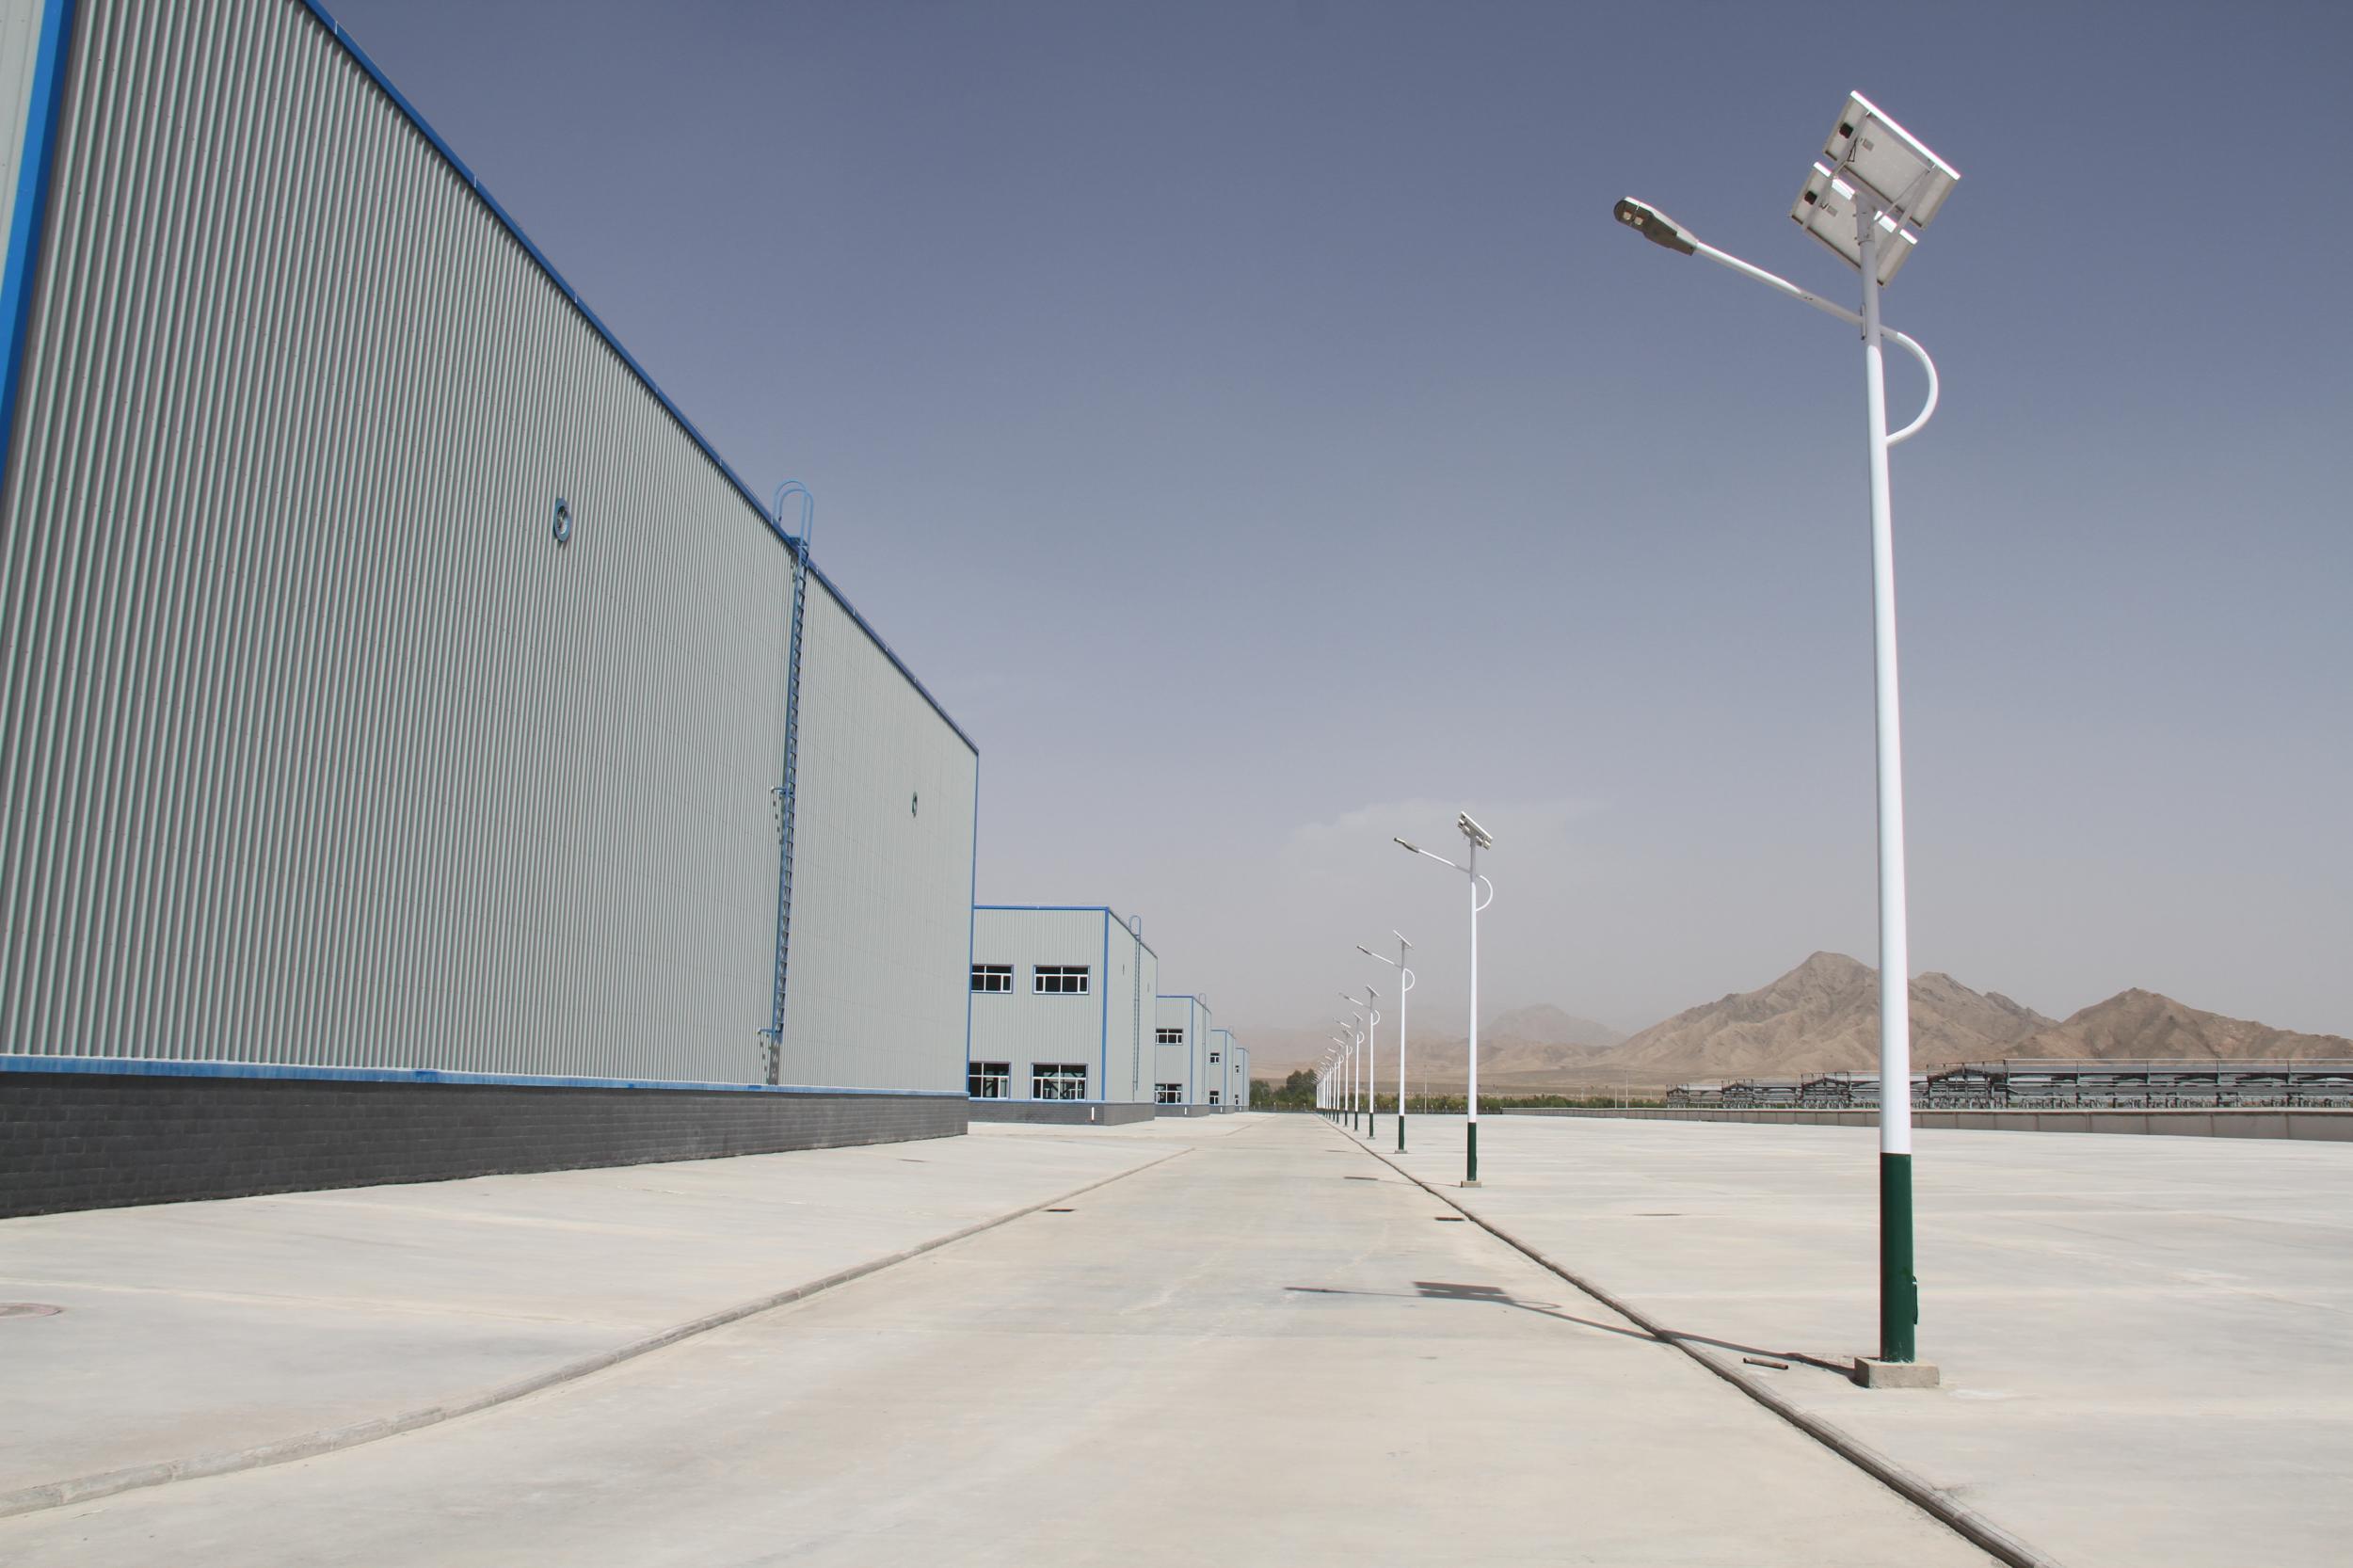 德令哈工业园科技创新型产业孵化基地太阳能路灯工程顺利通过竣工验收